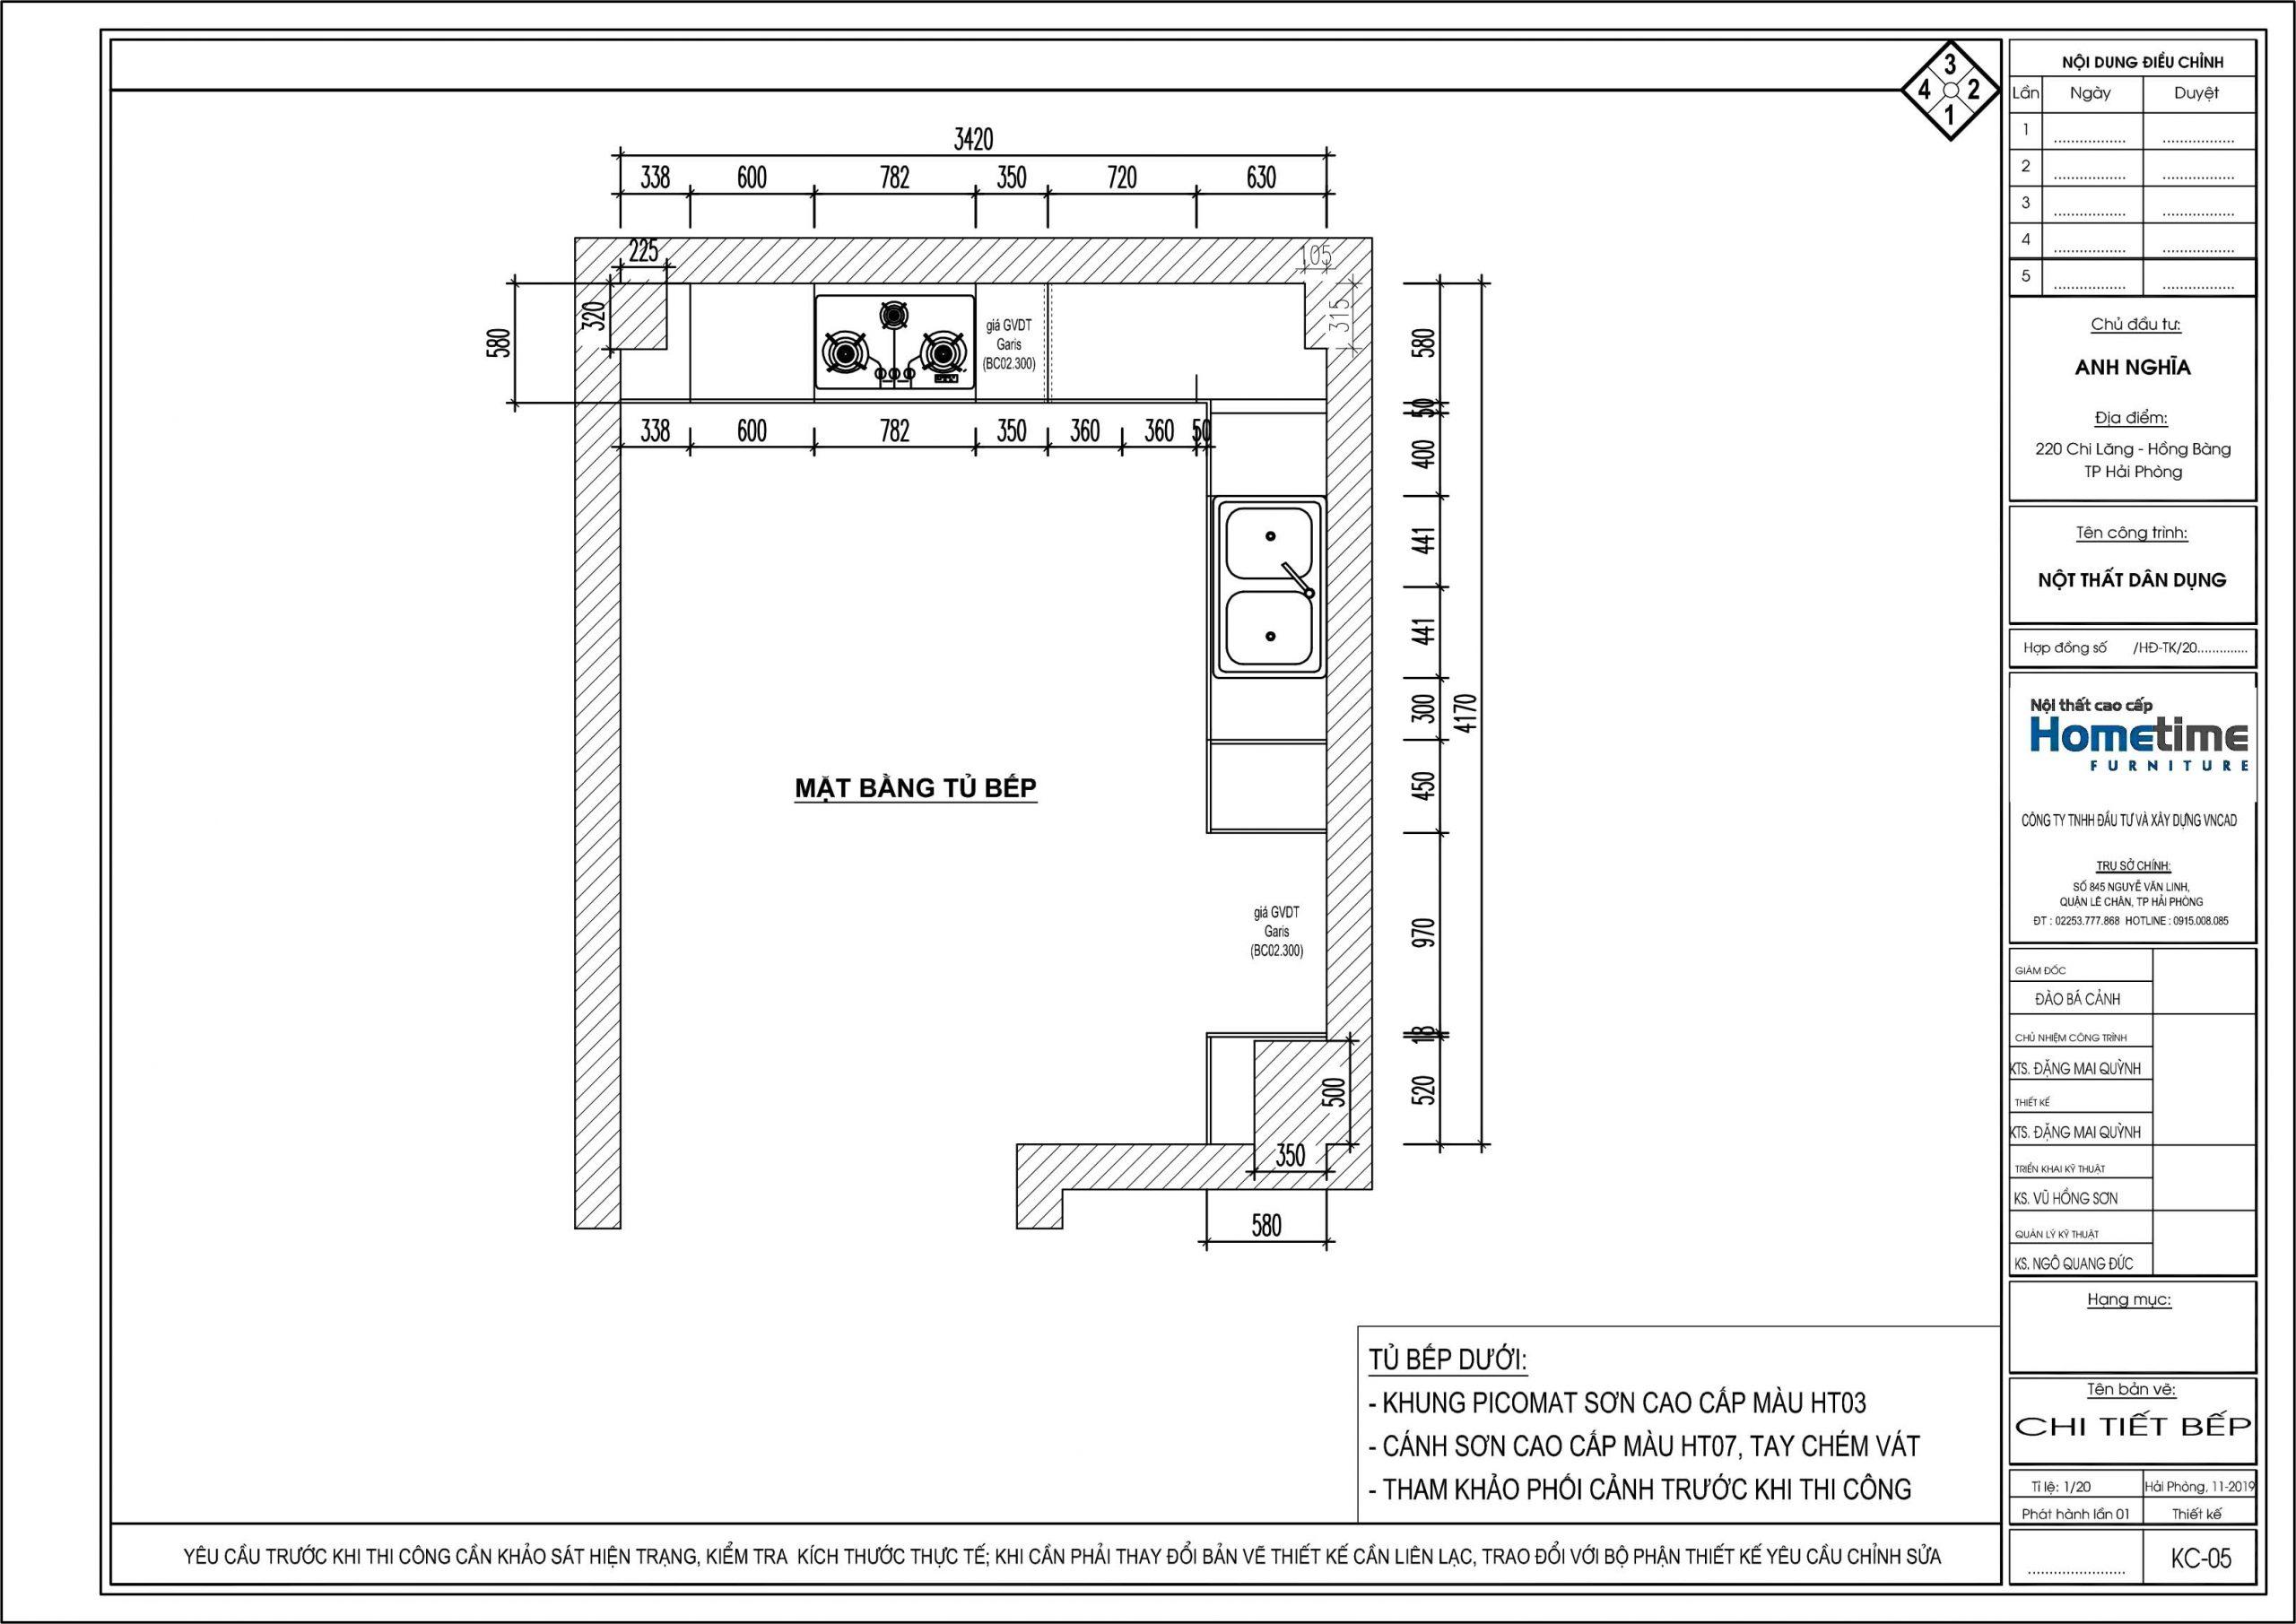 Hình ảnh bản thiết kế chi tiết toàn khu bếp nhà anh Nghĩa